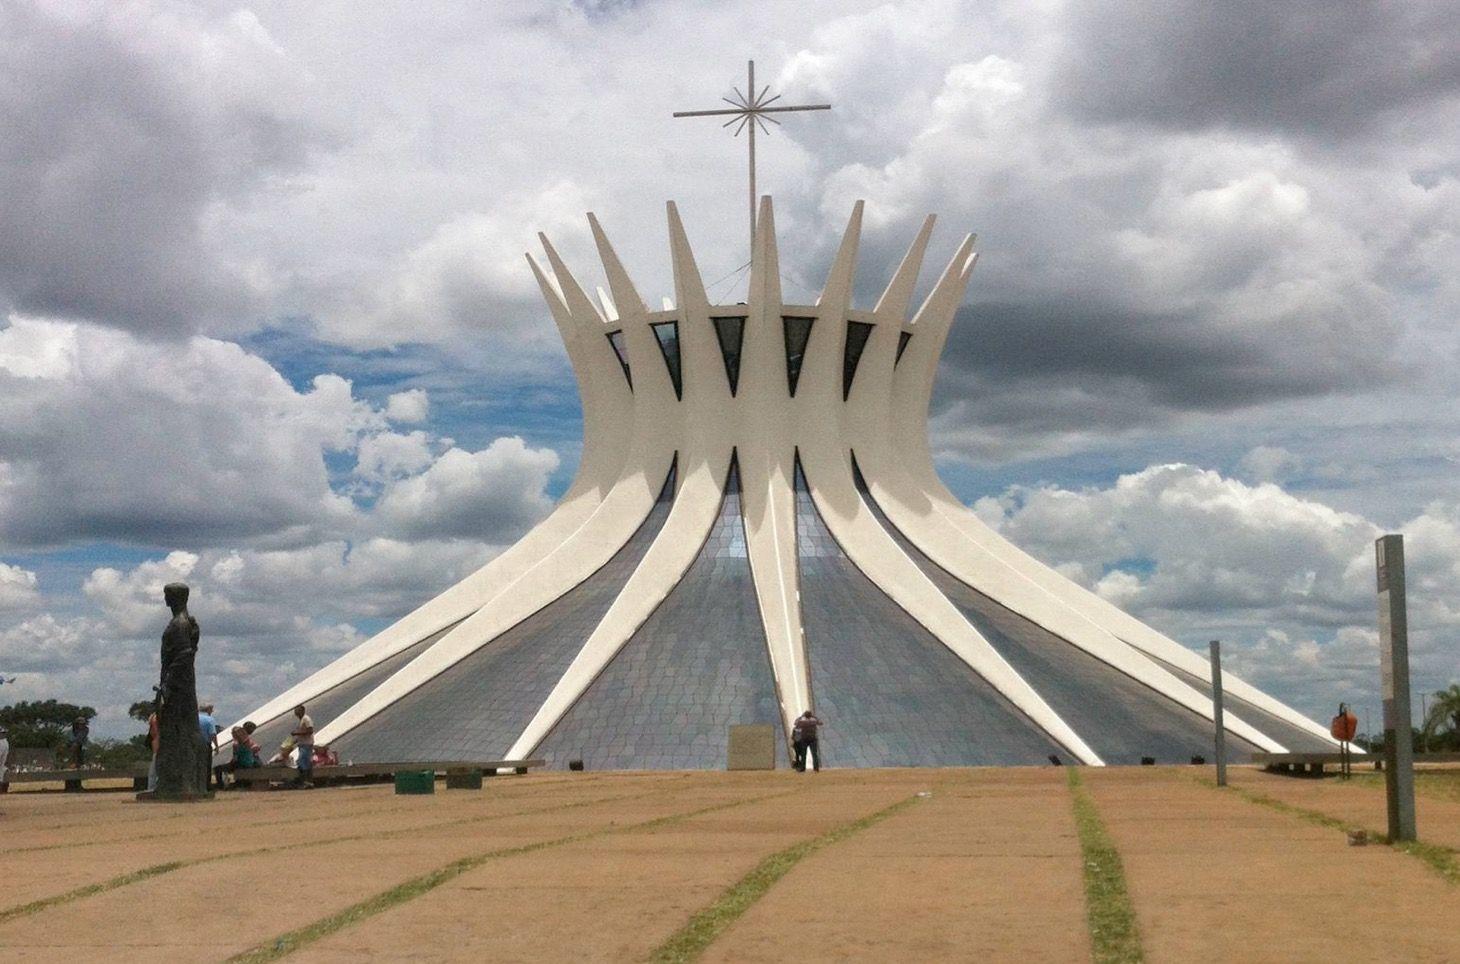 Brasil-DF-Brasília-Catedral-Fev2014-dia-Foto: Juliana Maia.